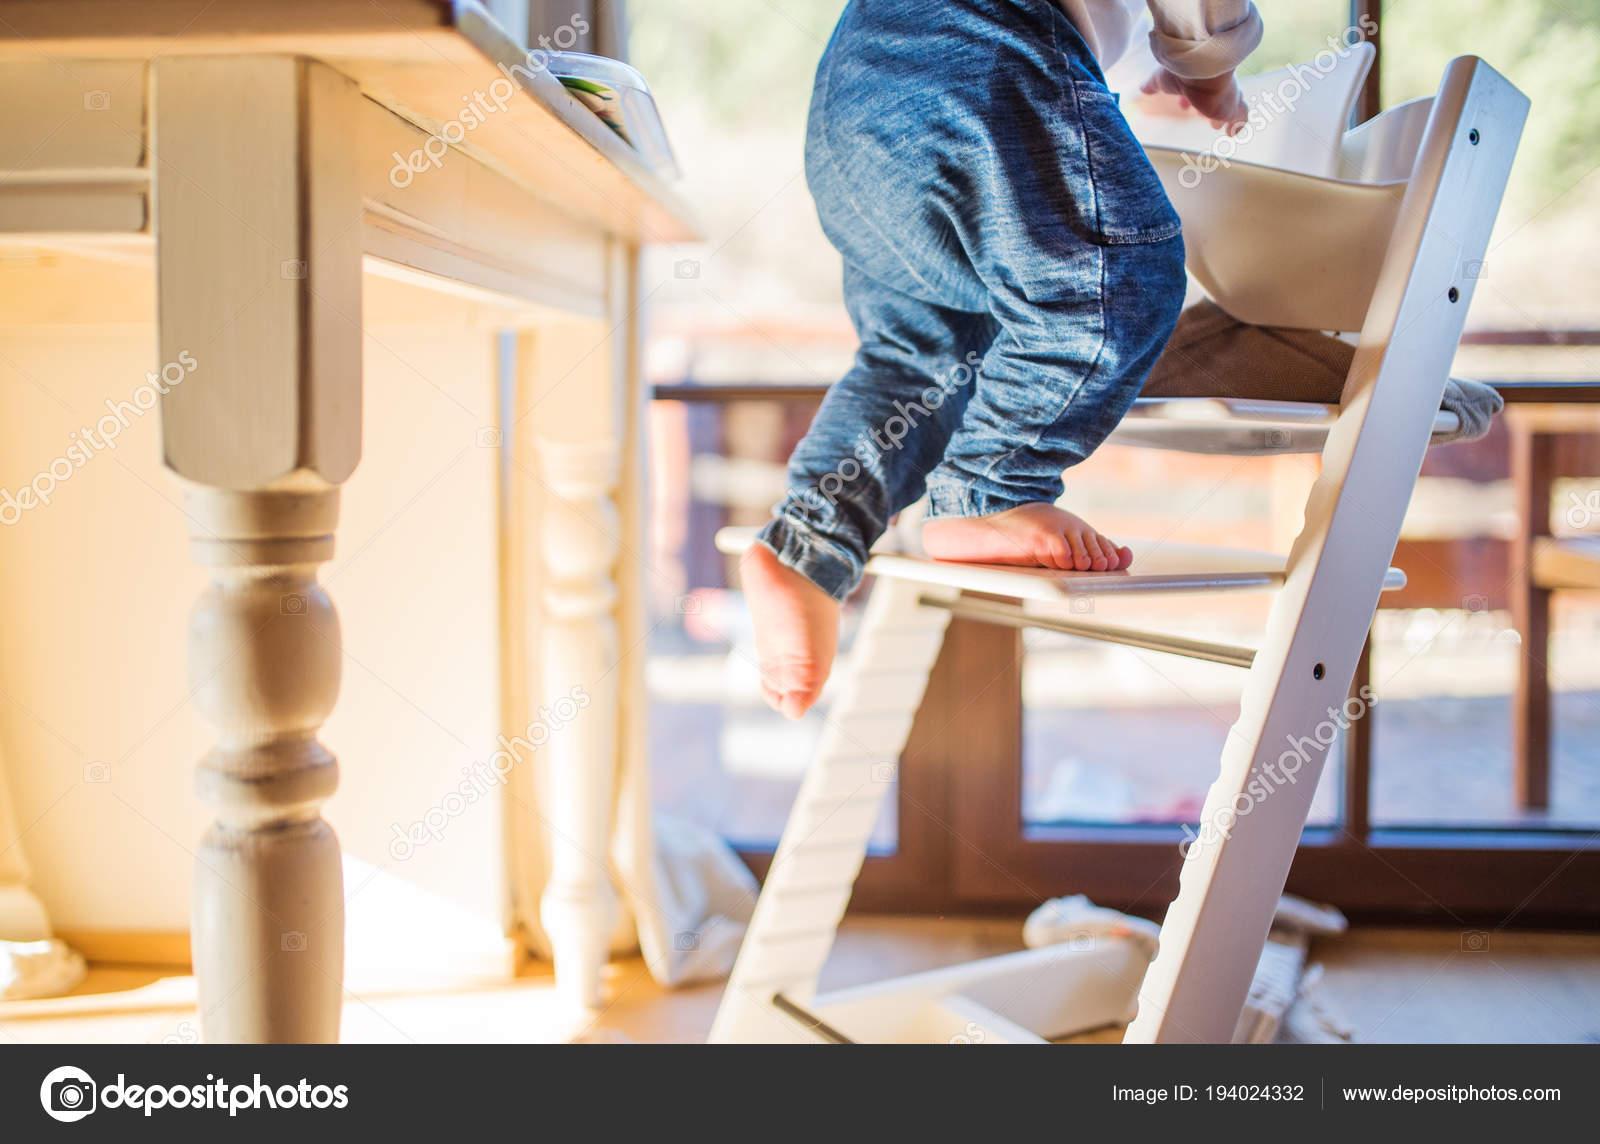 Petit Garon Enfant Grimper Sur La Chaise Haute En Bois Maison Accident Domestique Situation Dangereuse Image De Halfpoint